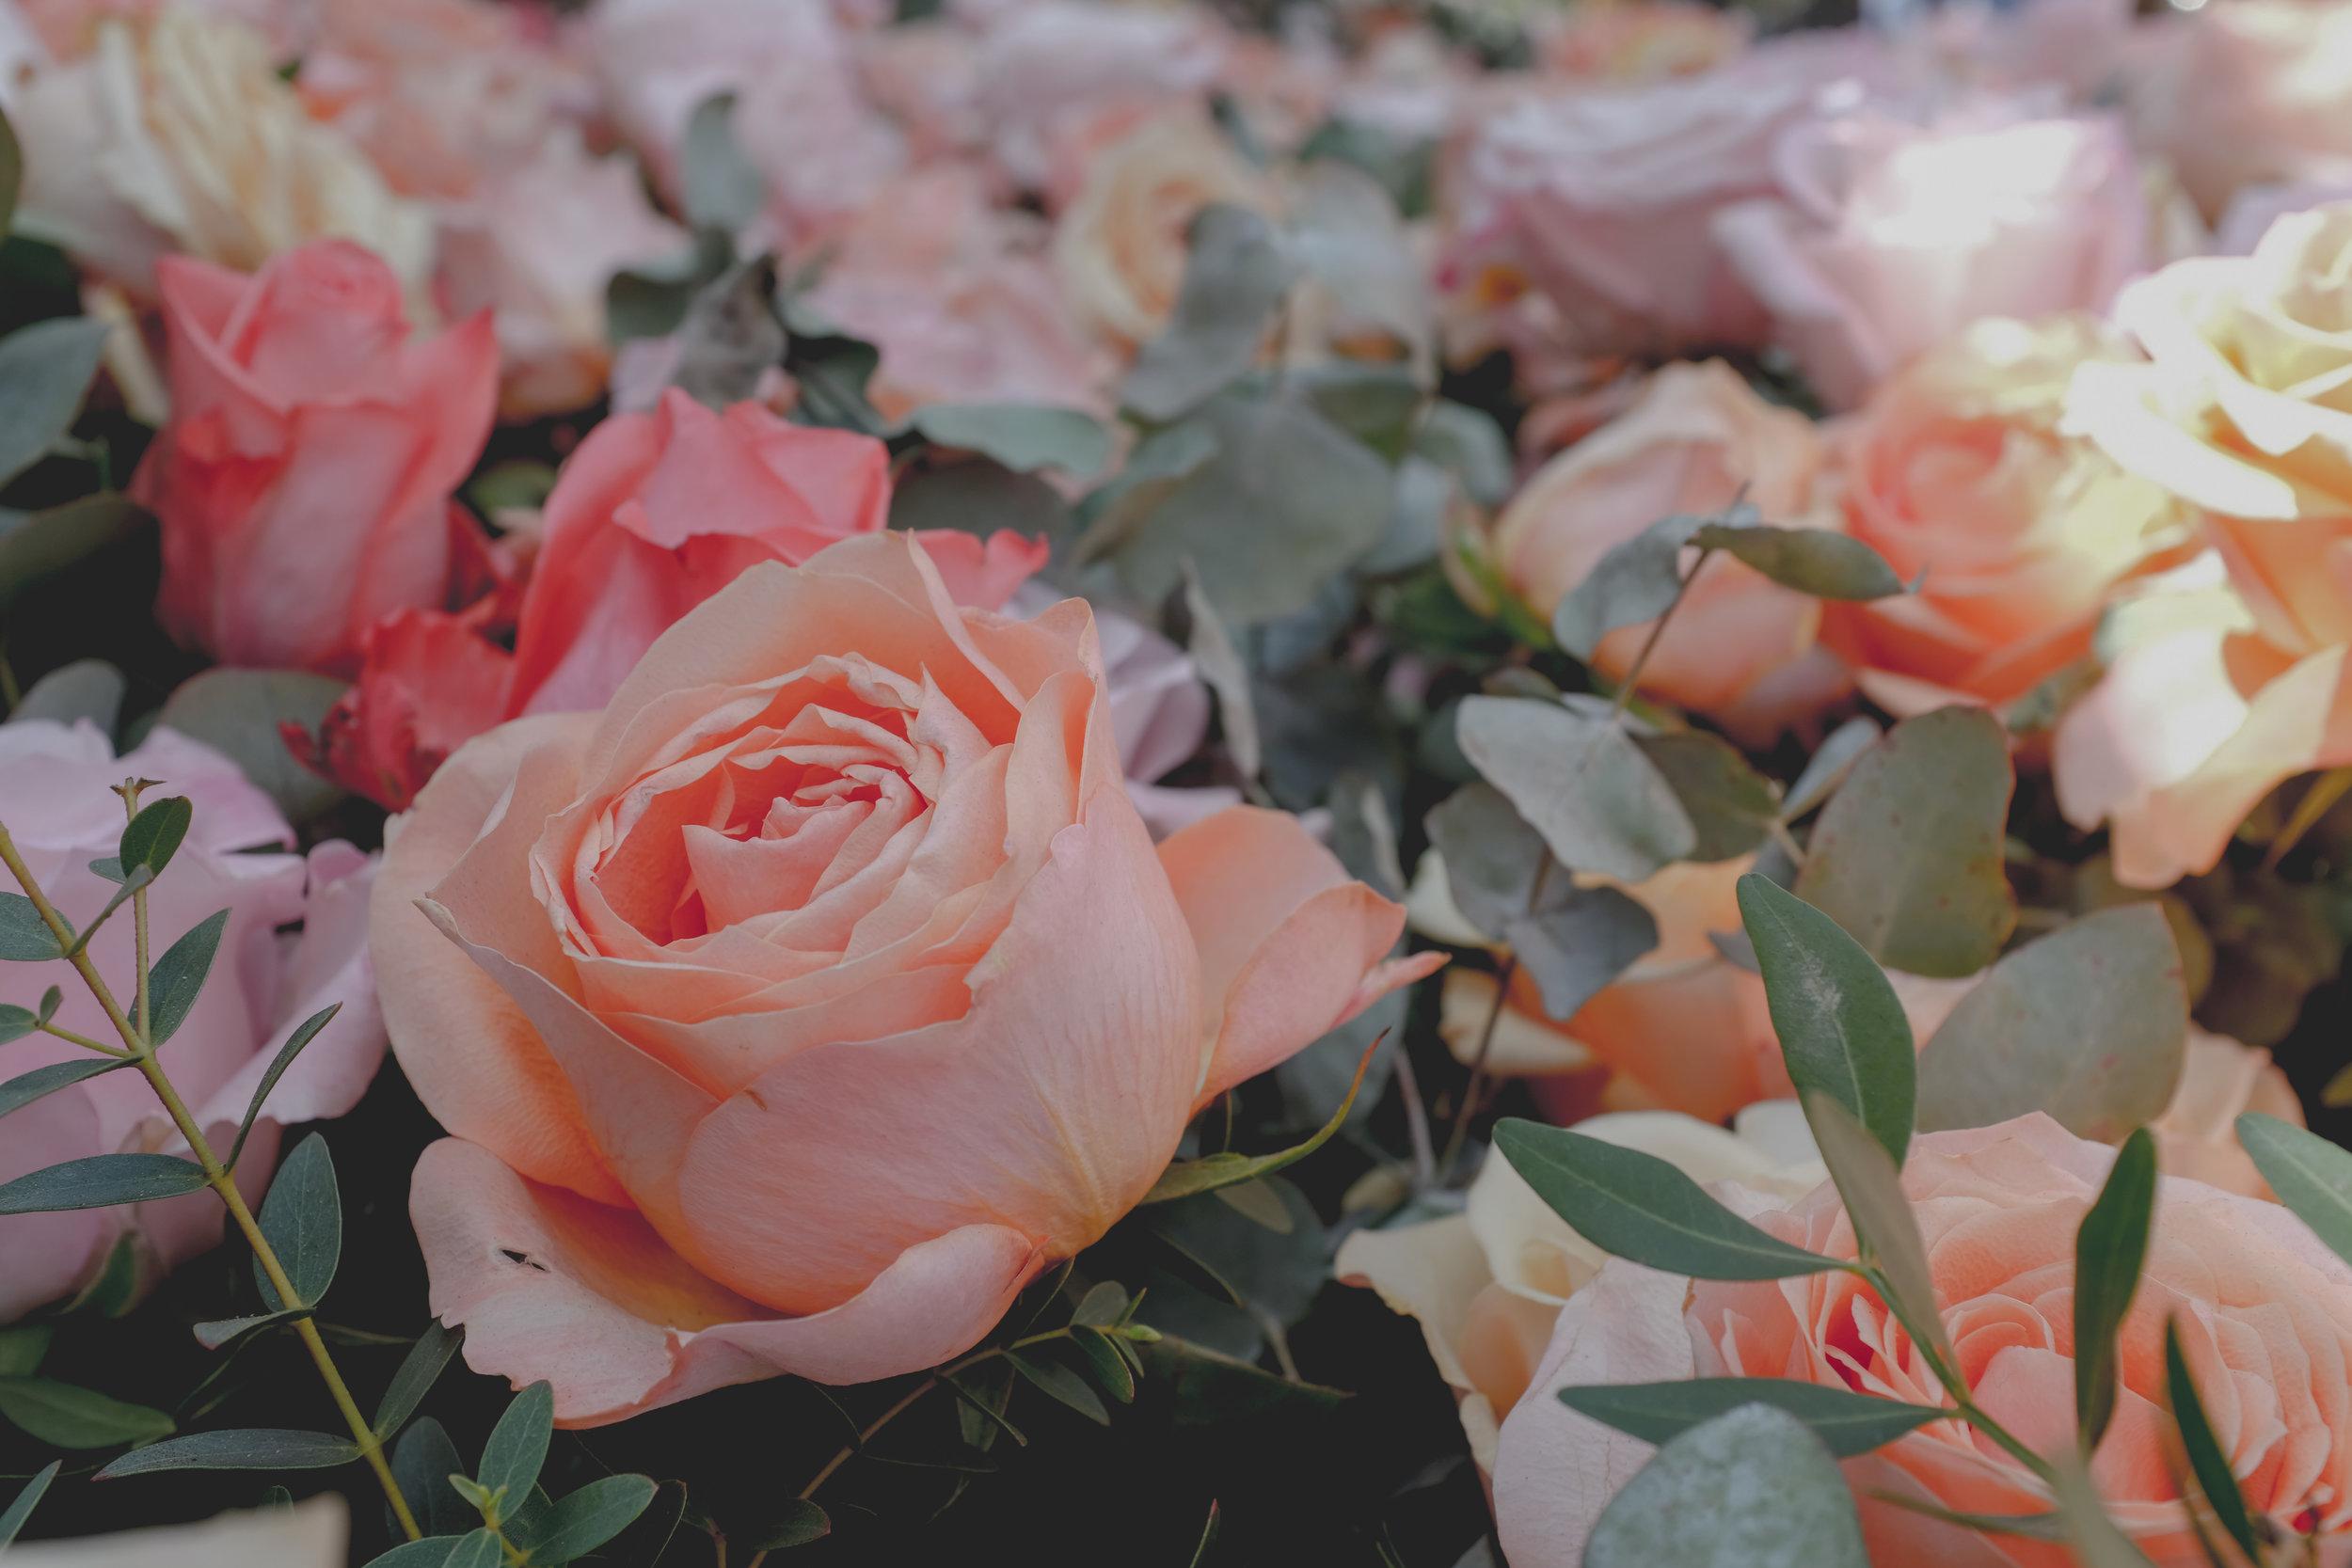 2019-05-23 Chelsea flower show-49.jpg